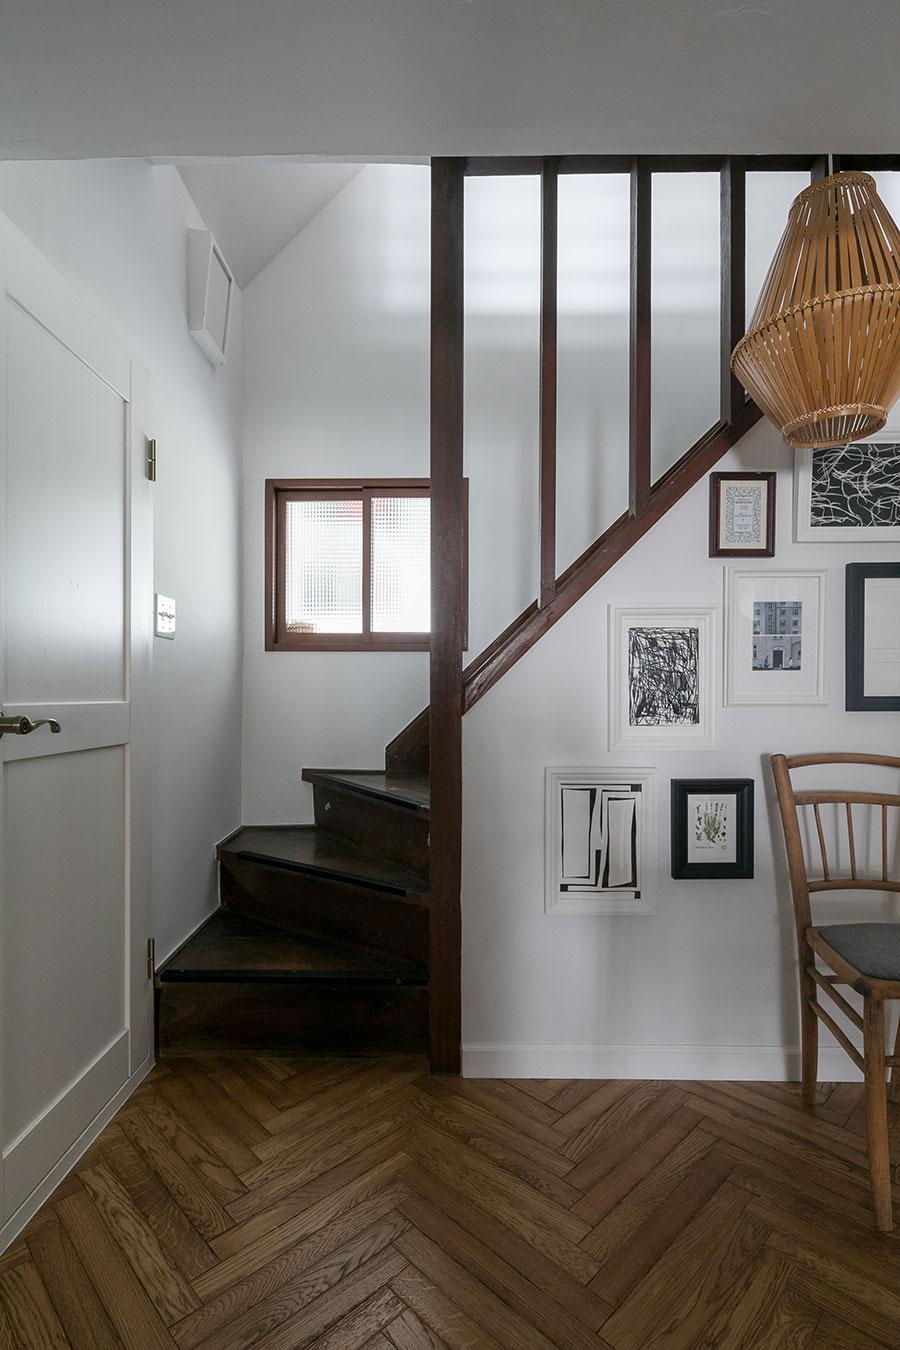 時代を感じる飴色の階段は既存。磨りガラスの向こうは書斎になっており、「ここから『ご飯できたよ』って俊さんを呼びます」とHarunaさん。